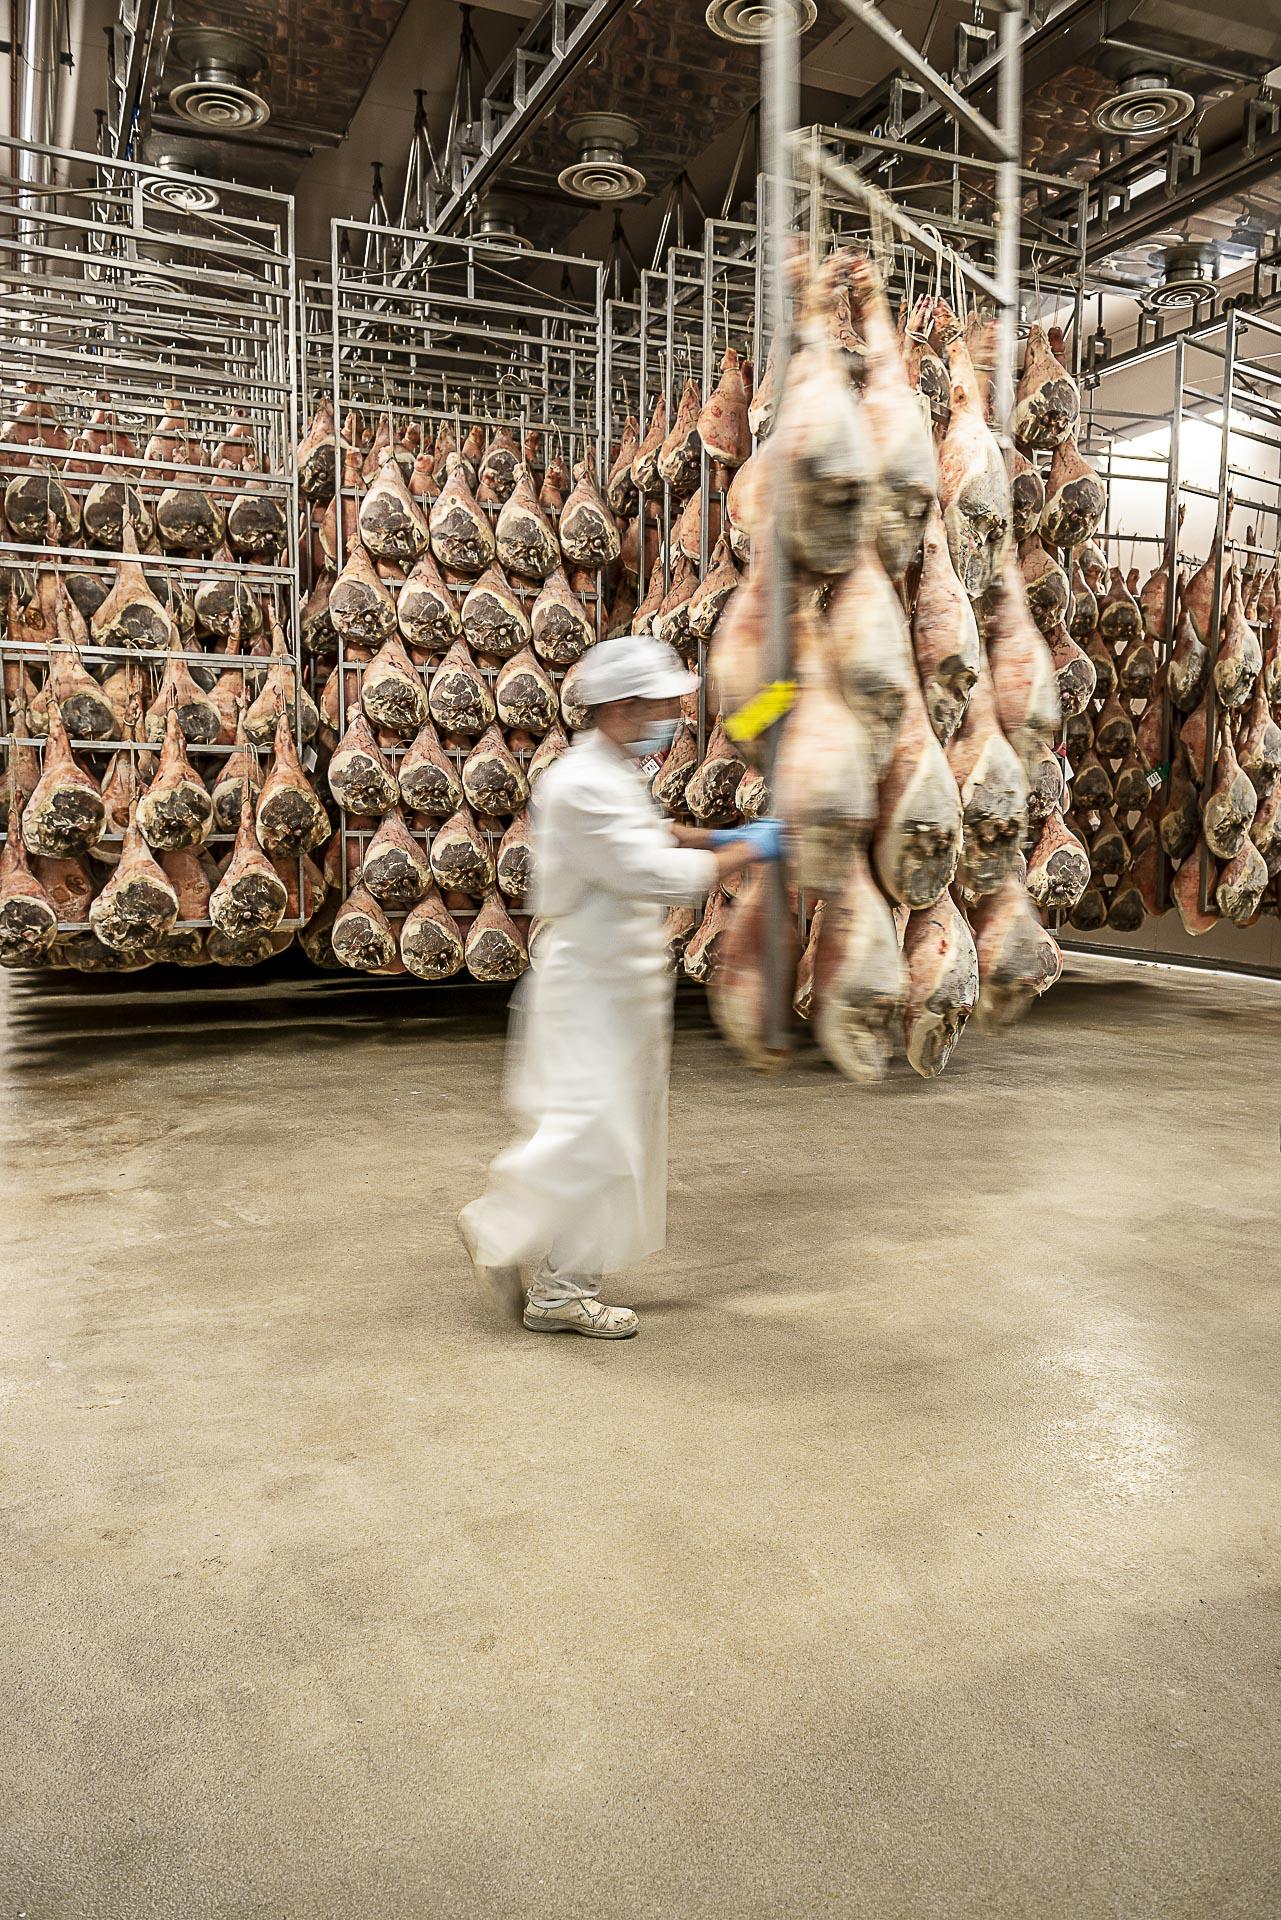 Industria Alimentare Salumificio Agricoltura Fotografo Modena